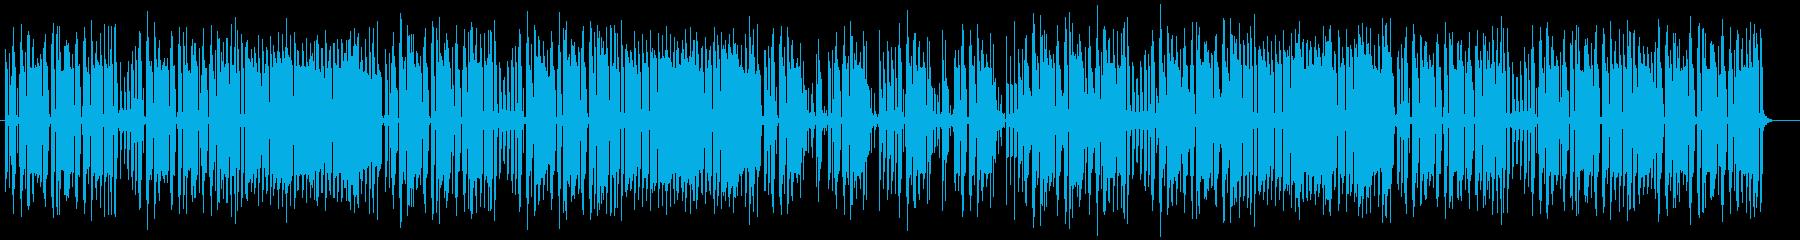 コミカルで楽しげなシンセサイザーサウンドの再生済みの波形